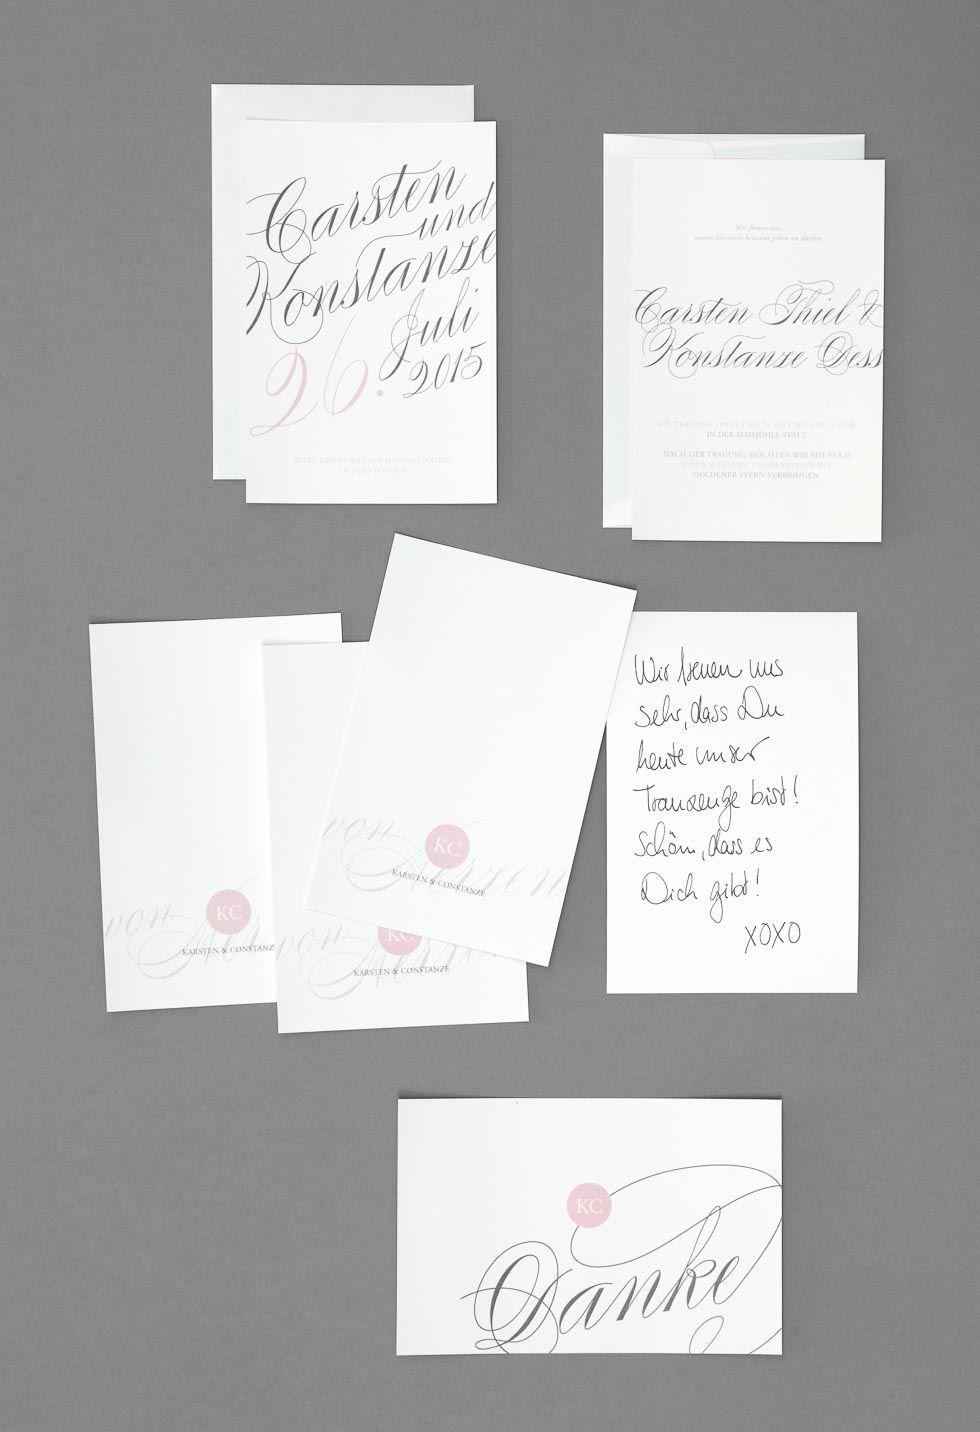 Stilvolle und klassische Texte für eure Hochzeitseinladungen